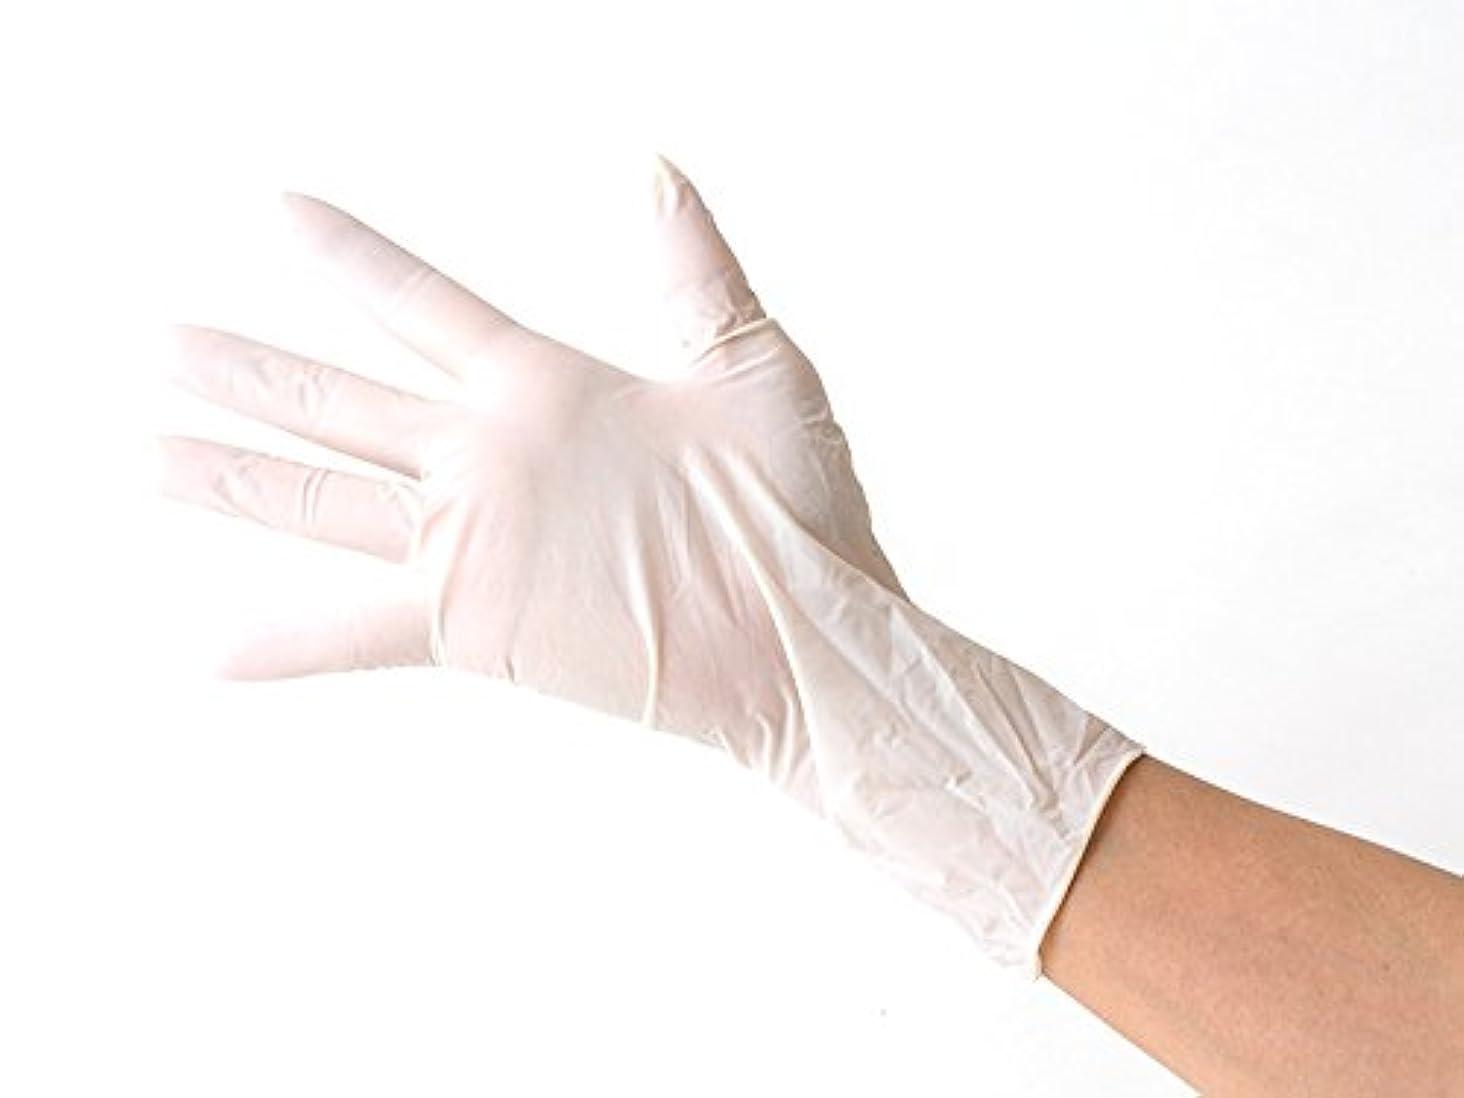 ベックス黄ばむぶどうラテックス 使い捨て天然ゴム 極薄手袋 パウダータイプ 100枚入り SSサイズ